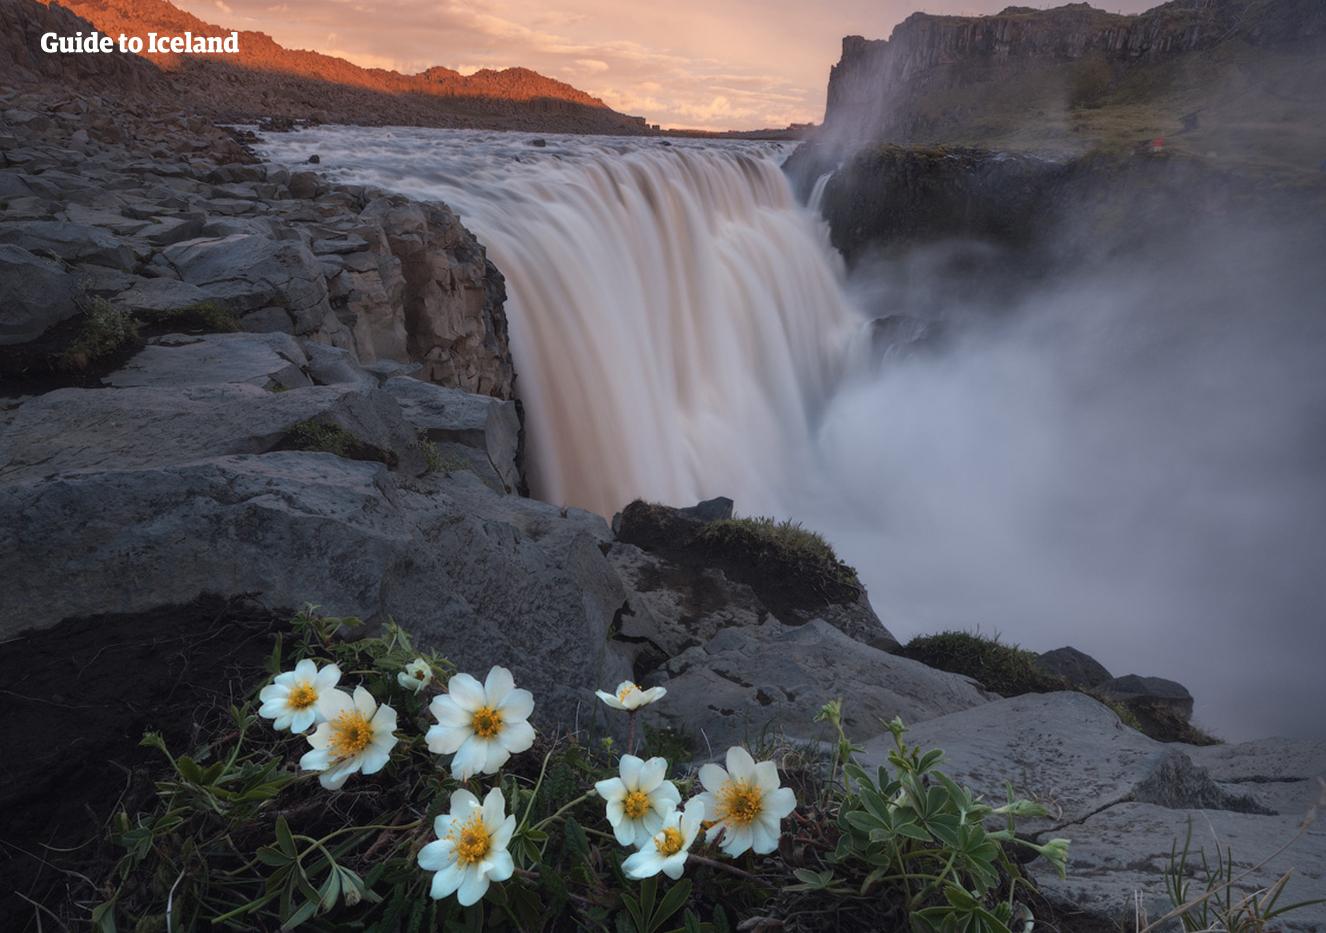 冰岛北部的黛提瀑布